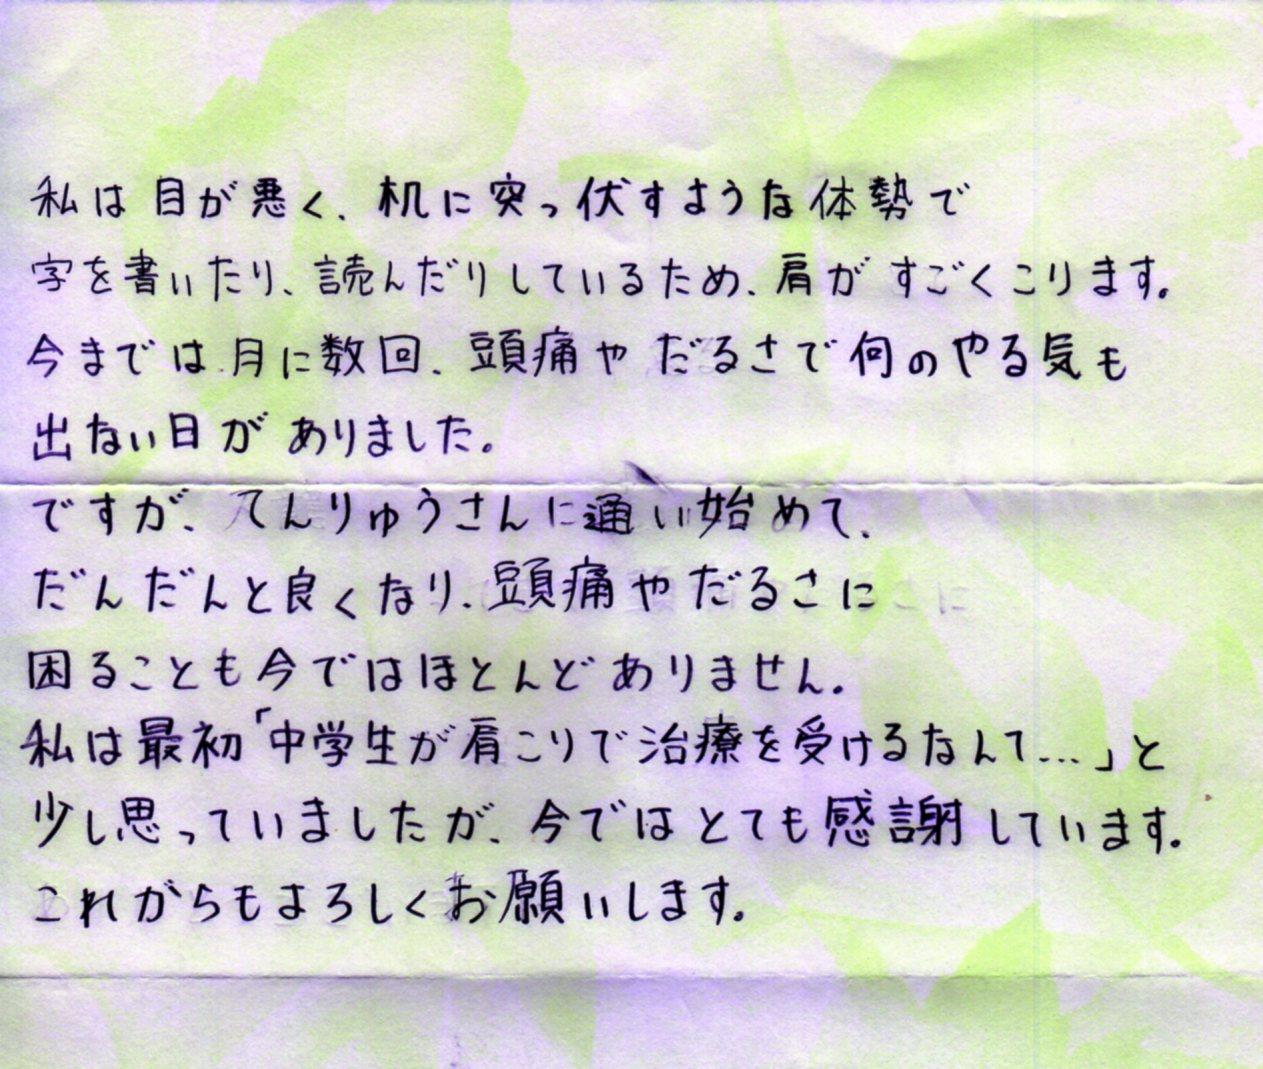 辰野町Kさんからのお手紙